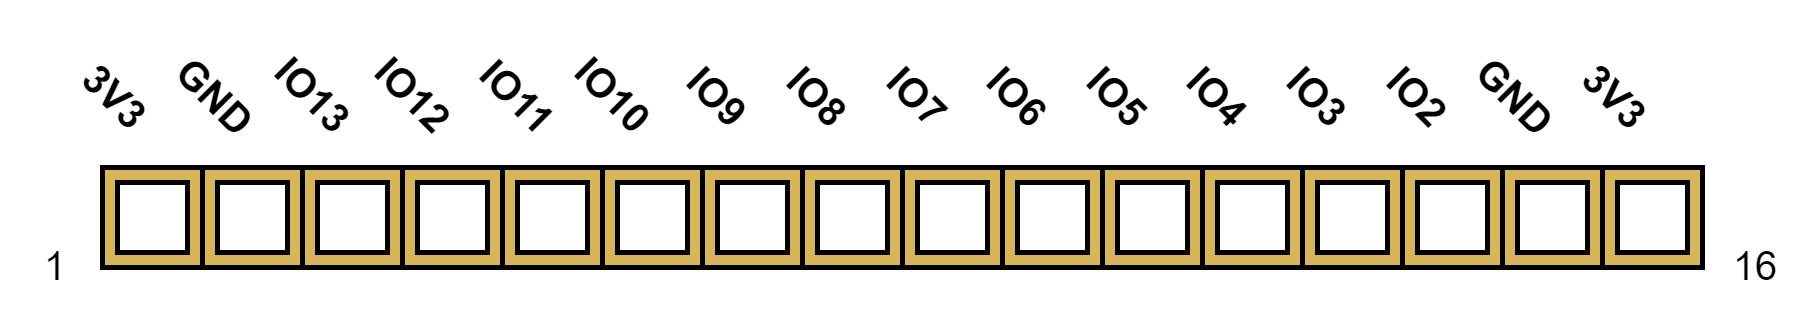 Figure 14.1. Unloaded Expansion Header